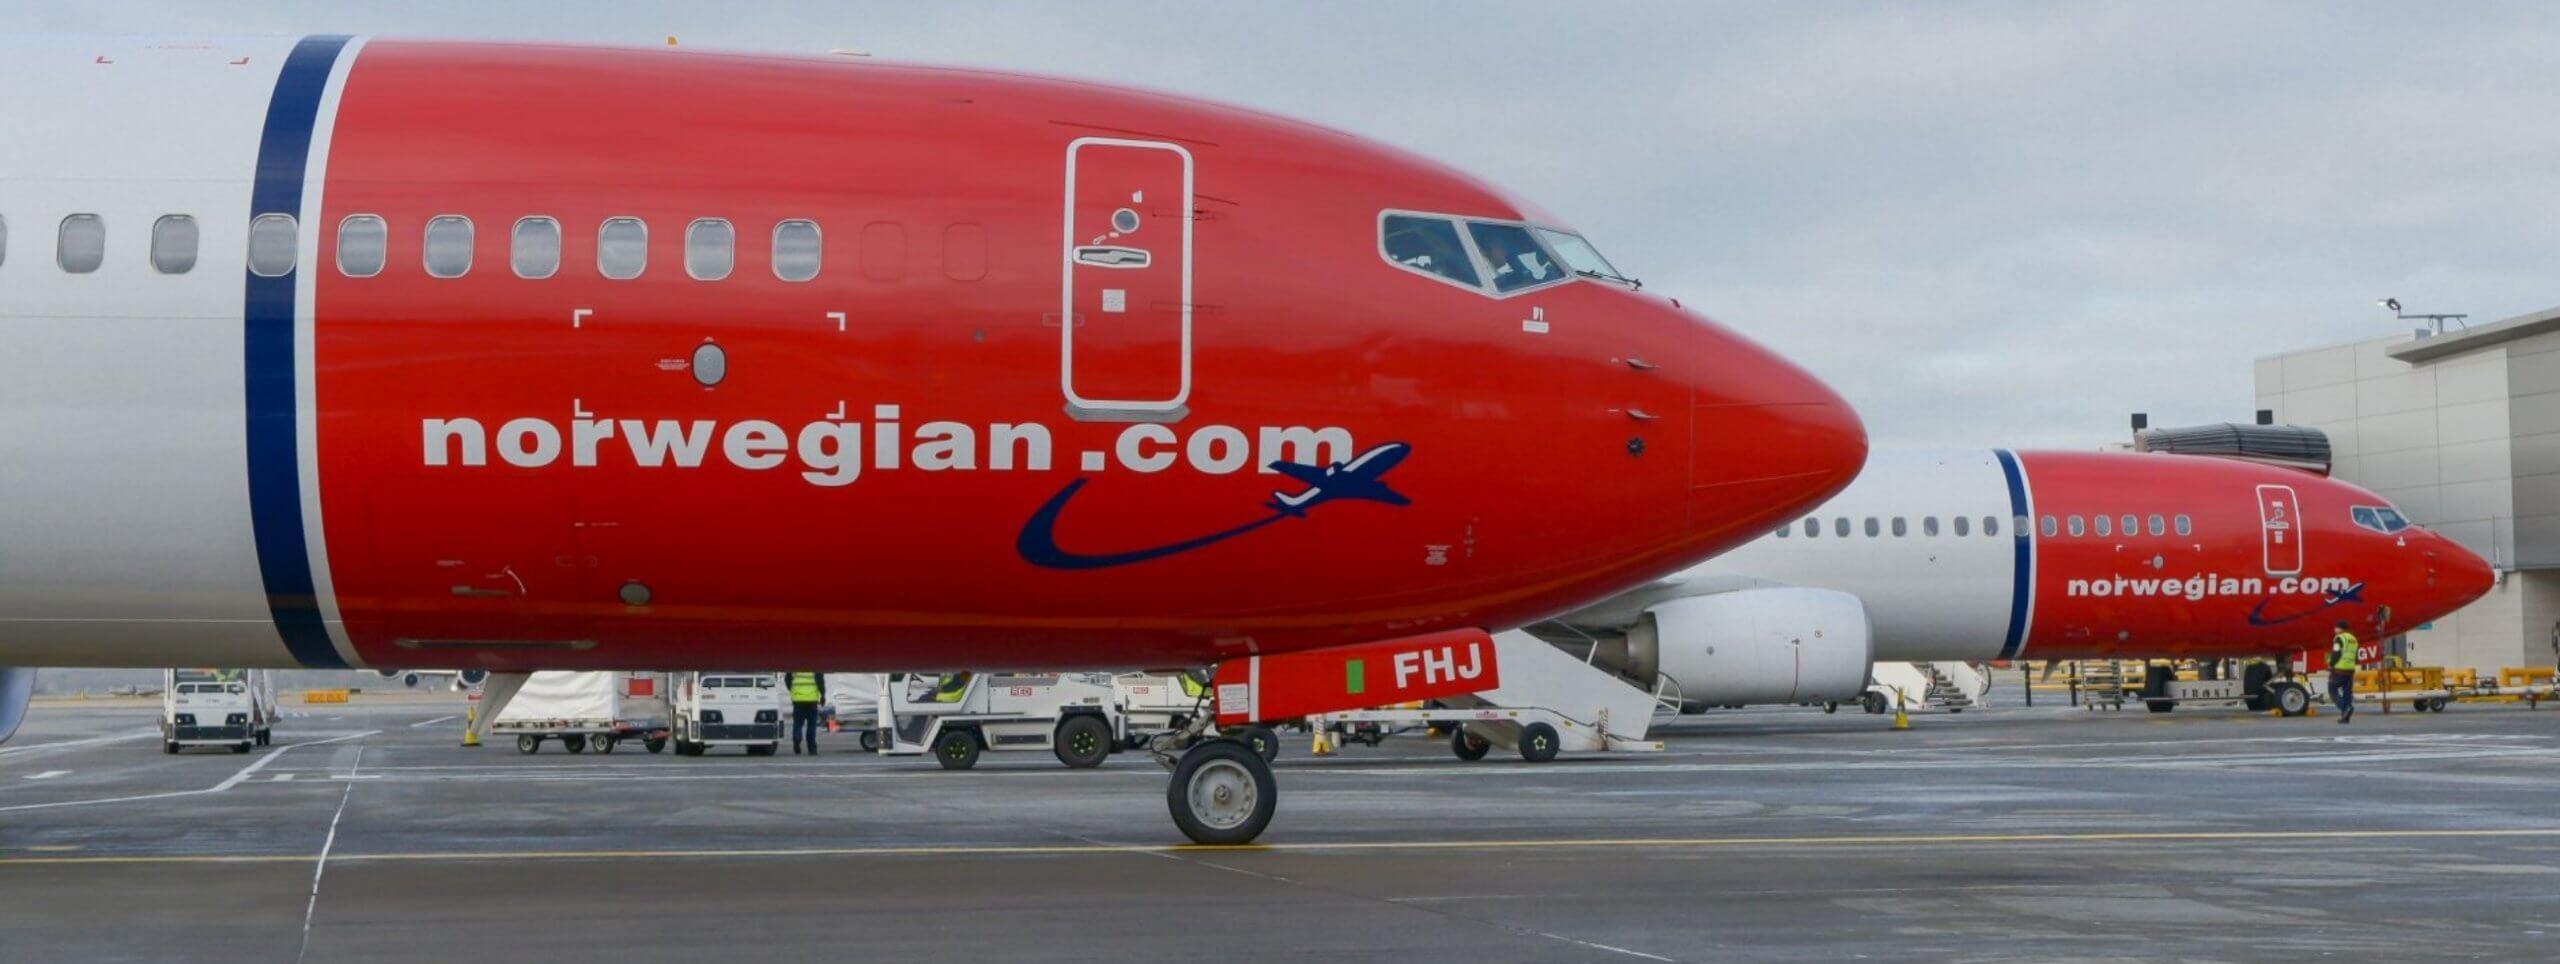 Норвежская авиакомпания Norwegian открывает Общий центр обслуживания в Риге